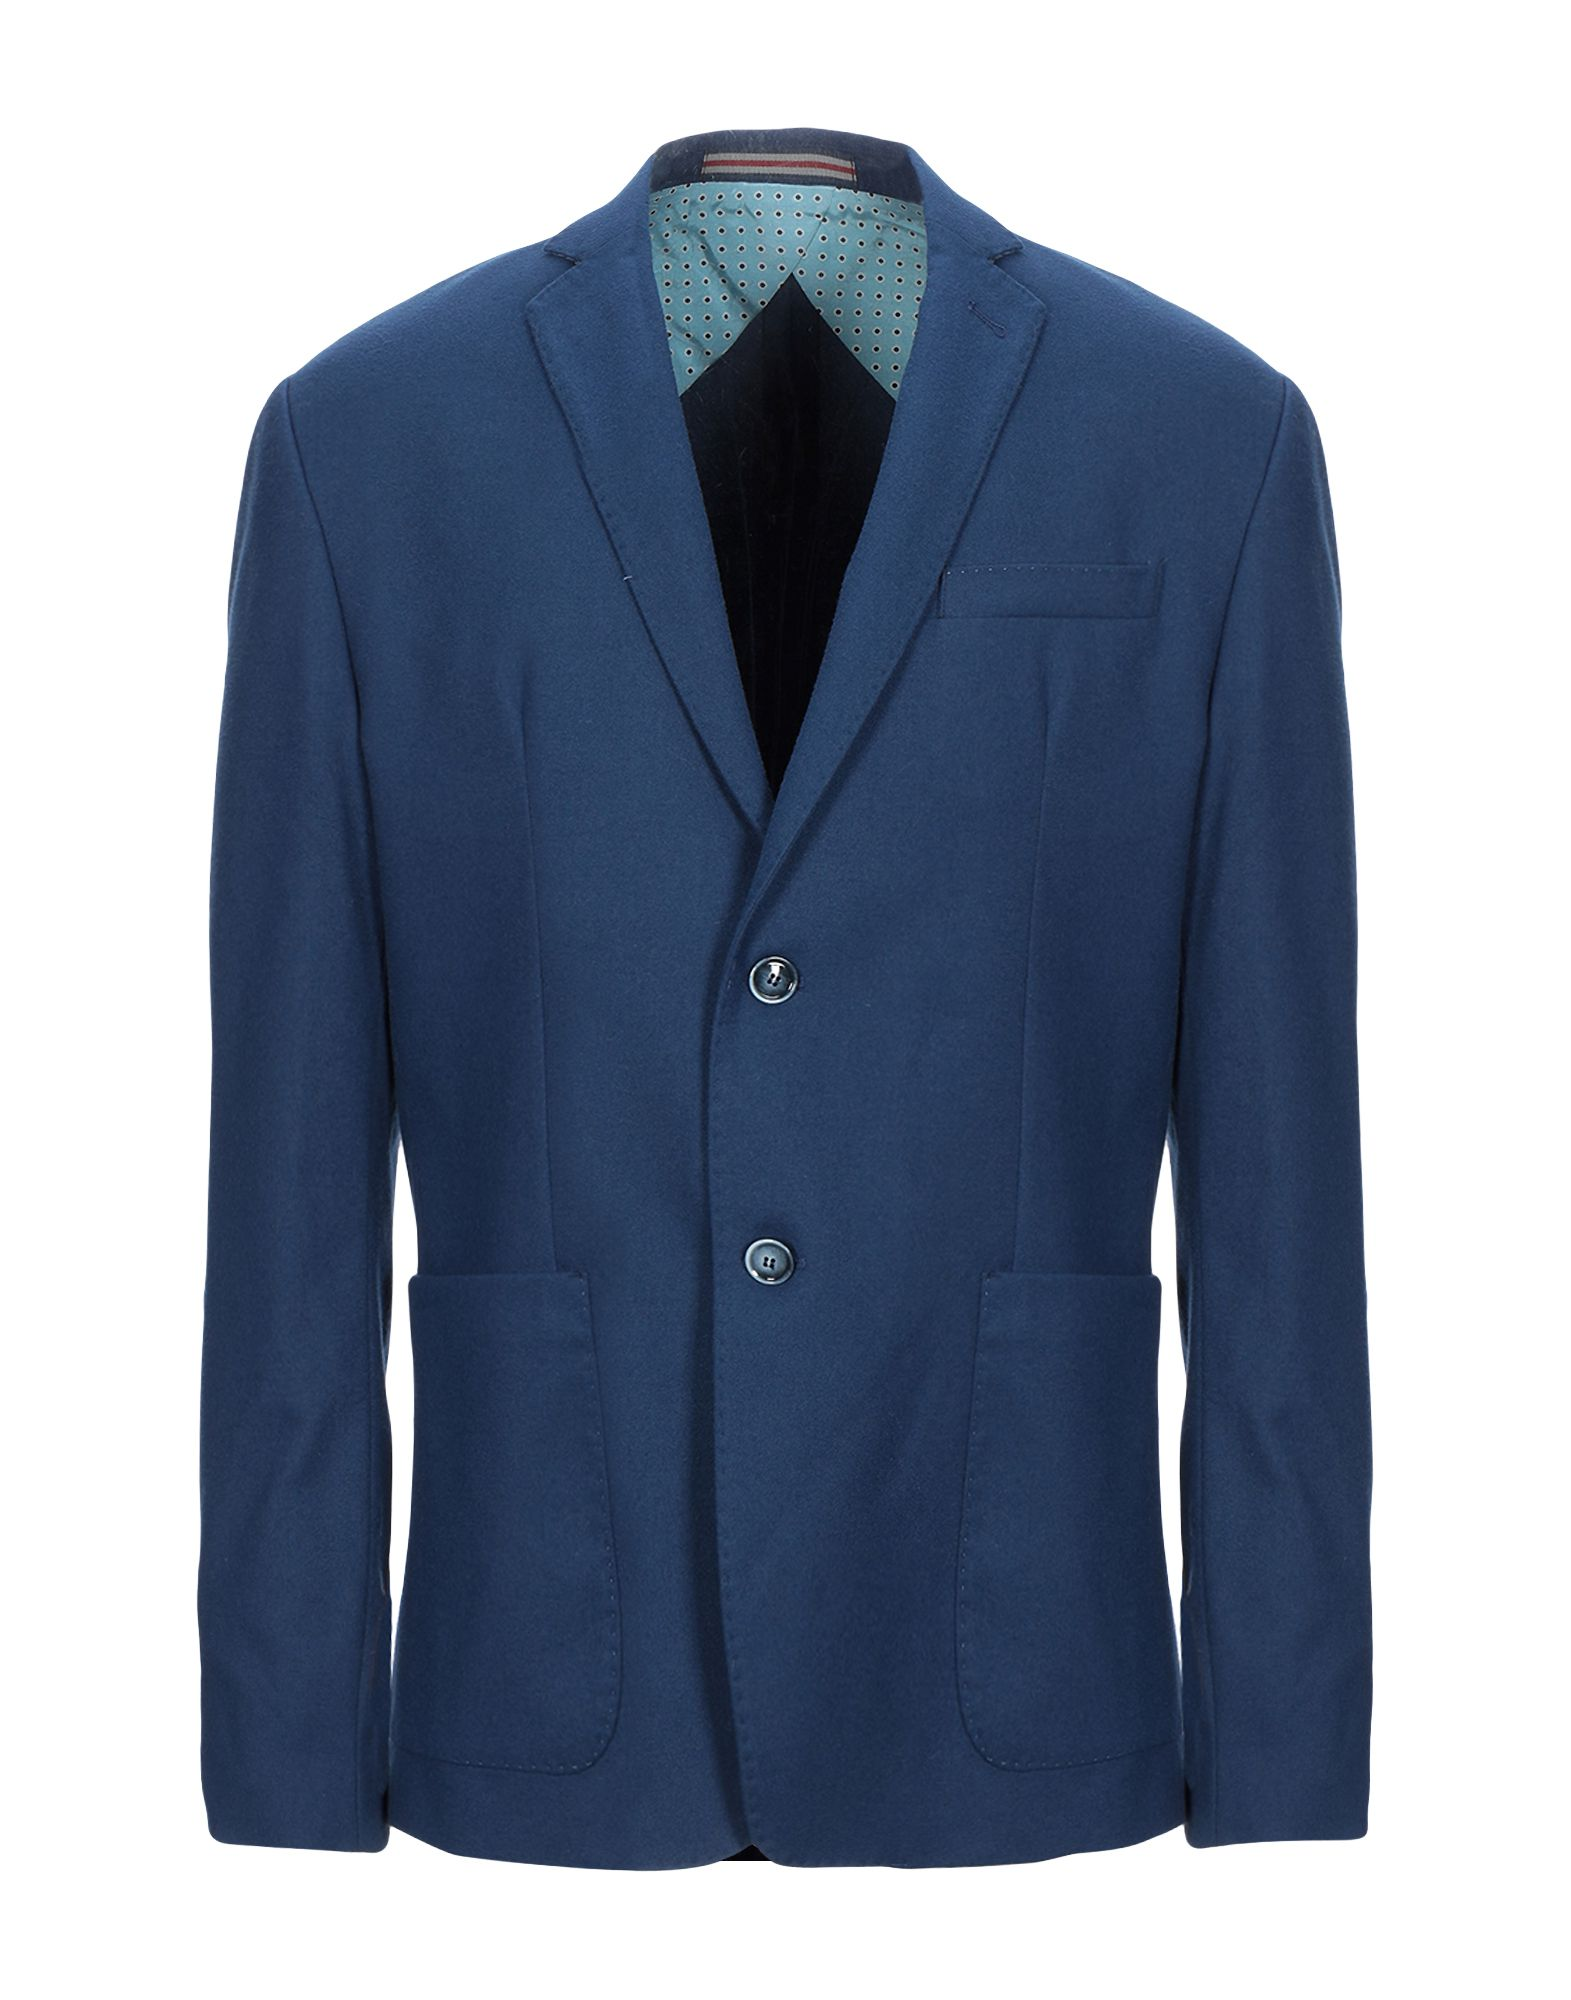 《セール開催中》HAVANA & CO. メンズ テーラードジャケット ブルー 54 ポリエステル 64% / レーヨン 34% / ポリウレタン 2%